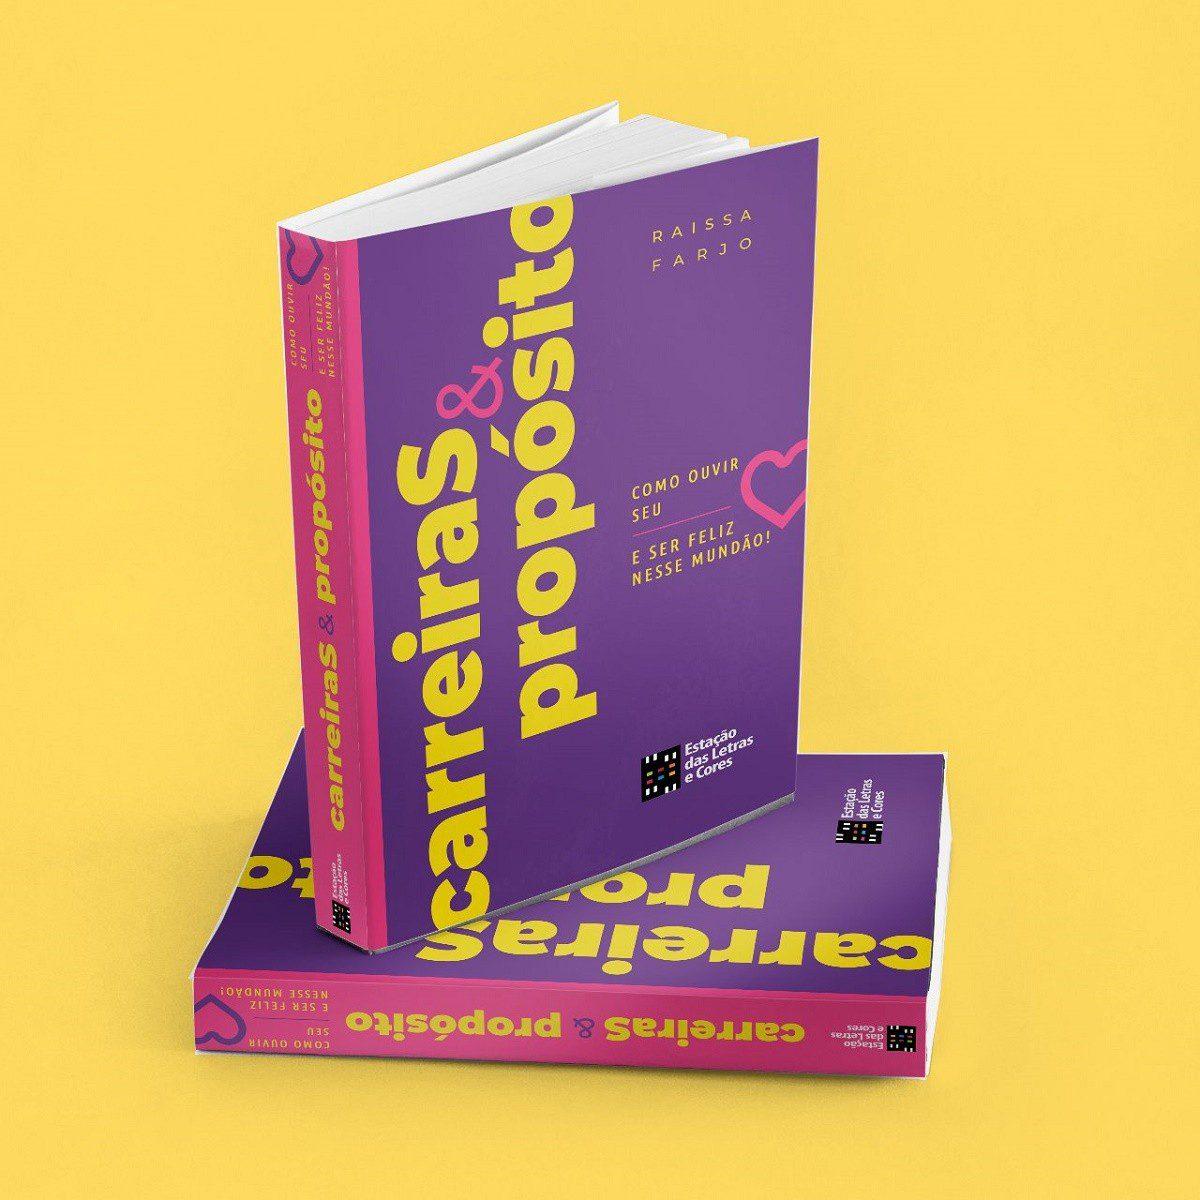 Livro aborda o autoconhecimento e questiona os significados de carreira e propósito